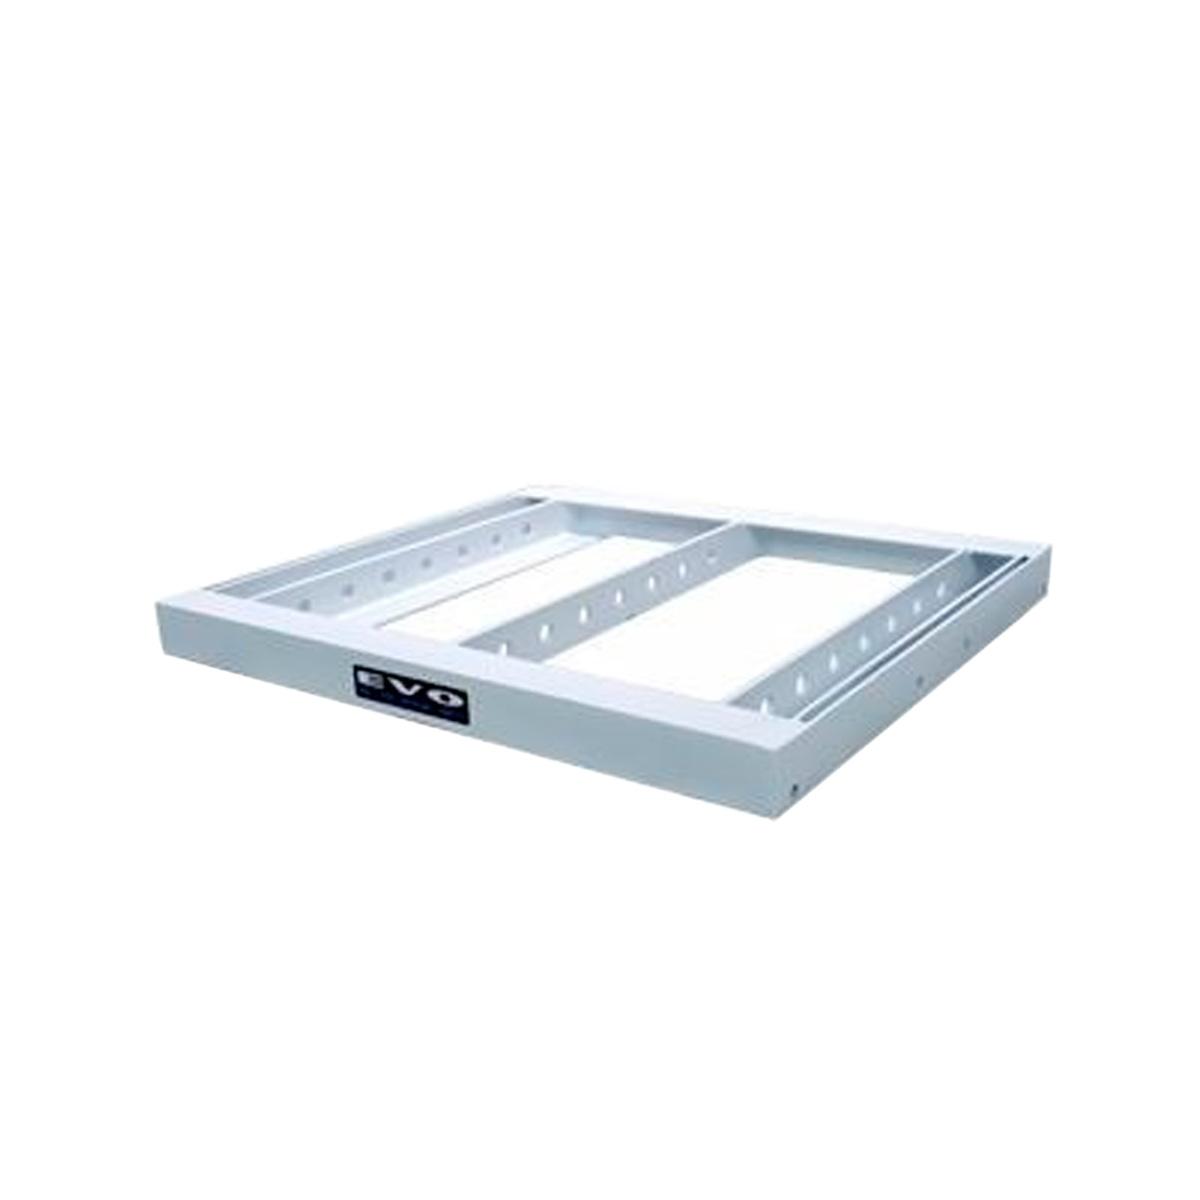 Bumper OBL 60 Branco p/ Line OLA 260 / OLS 1018 - Oneal